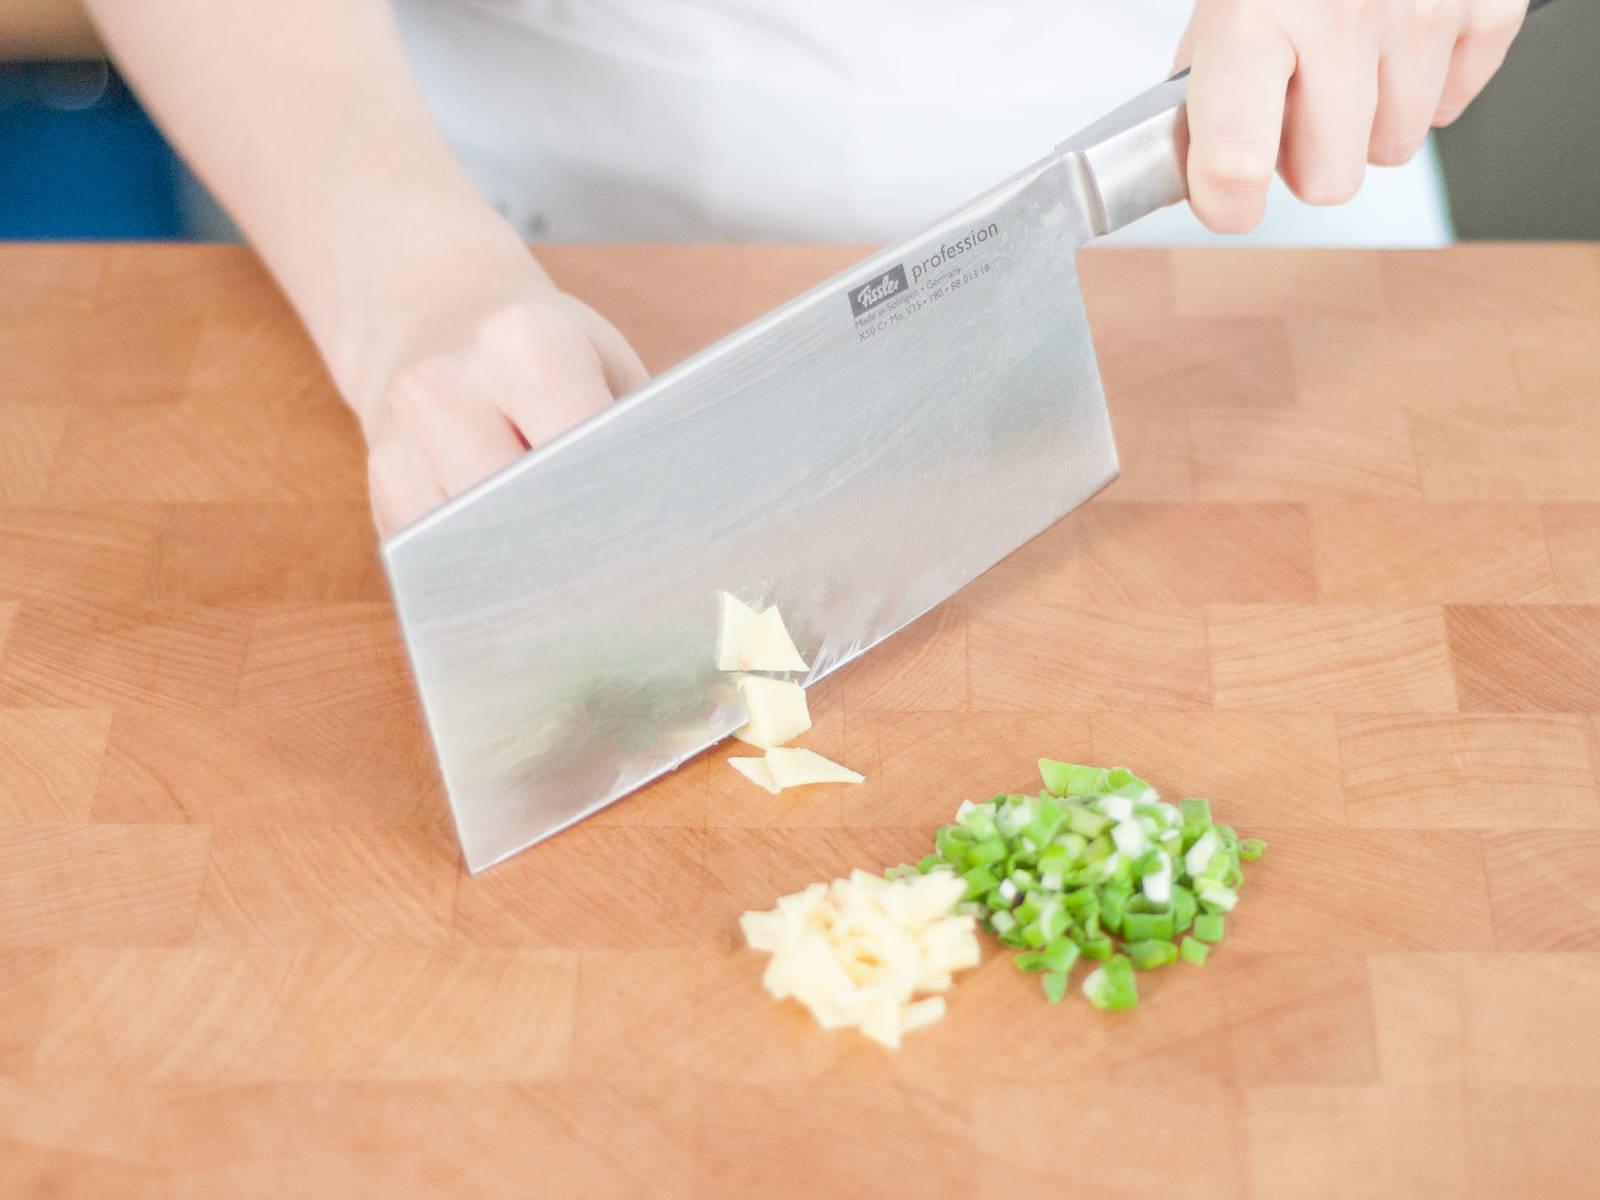 Frühlingszwiebeln in dünne Ringe schneiden, Ingwer hacken. In einer zweiten Schüssel Frühlingszwiebeln, Ingwer und Schweinefleisch mit Salz, weißem Pfeffer, Fünf-Gewürze-Pulver, heller Sojasoße, dunkler Sojasoße, Austernsoße und Sesamöl vermischen. Gut vermengen und beiseitestellen.